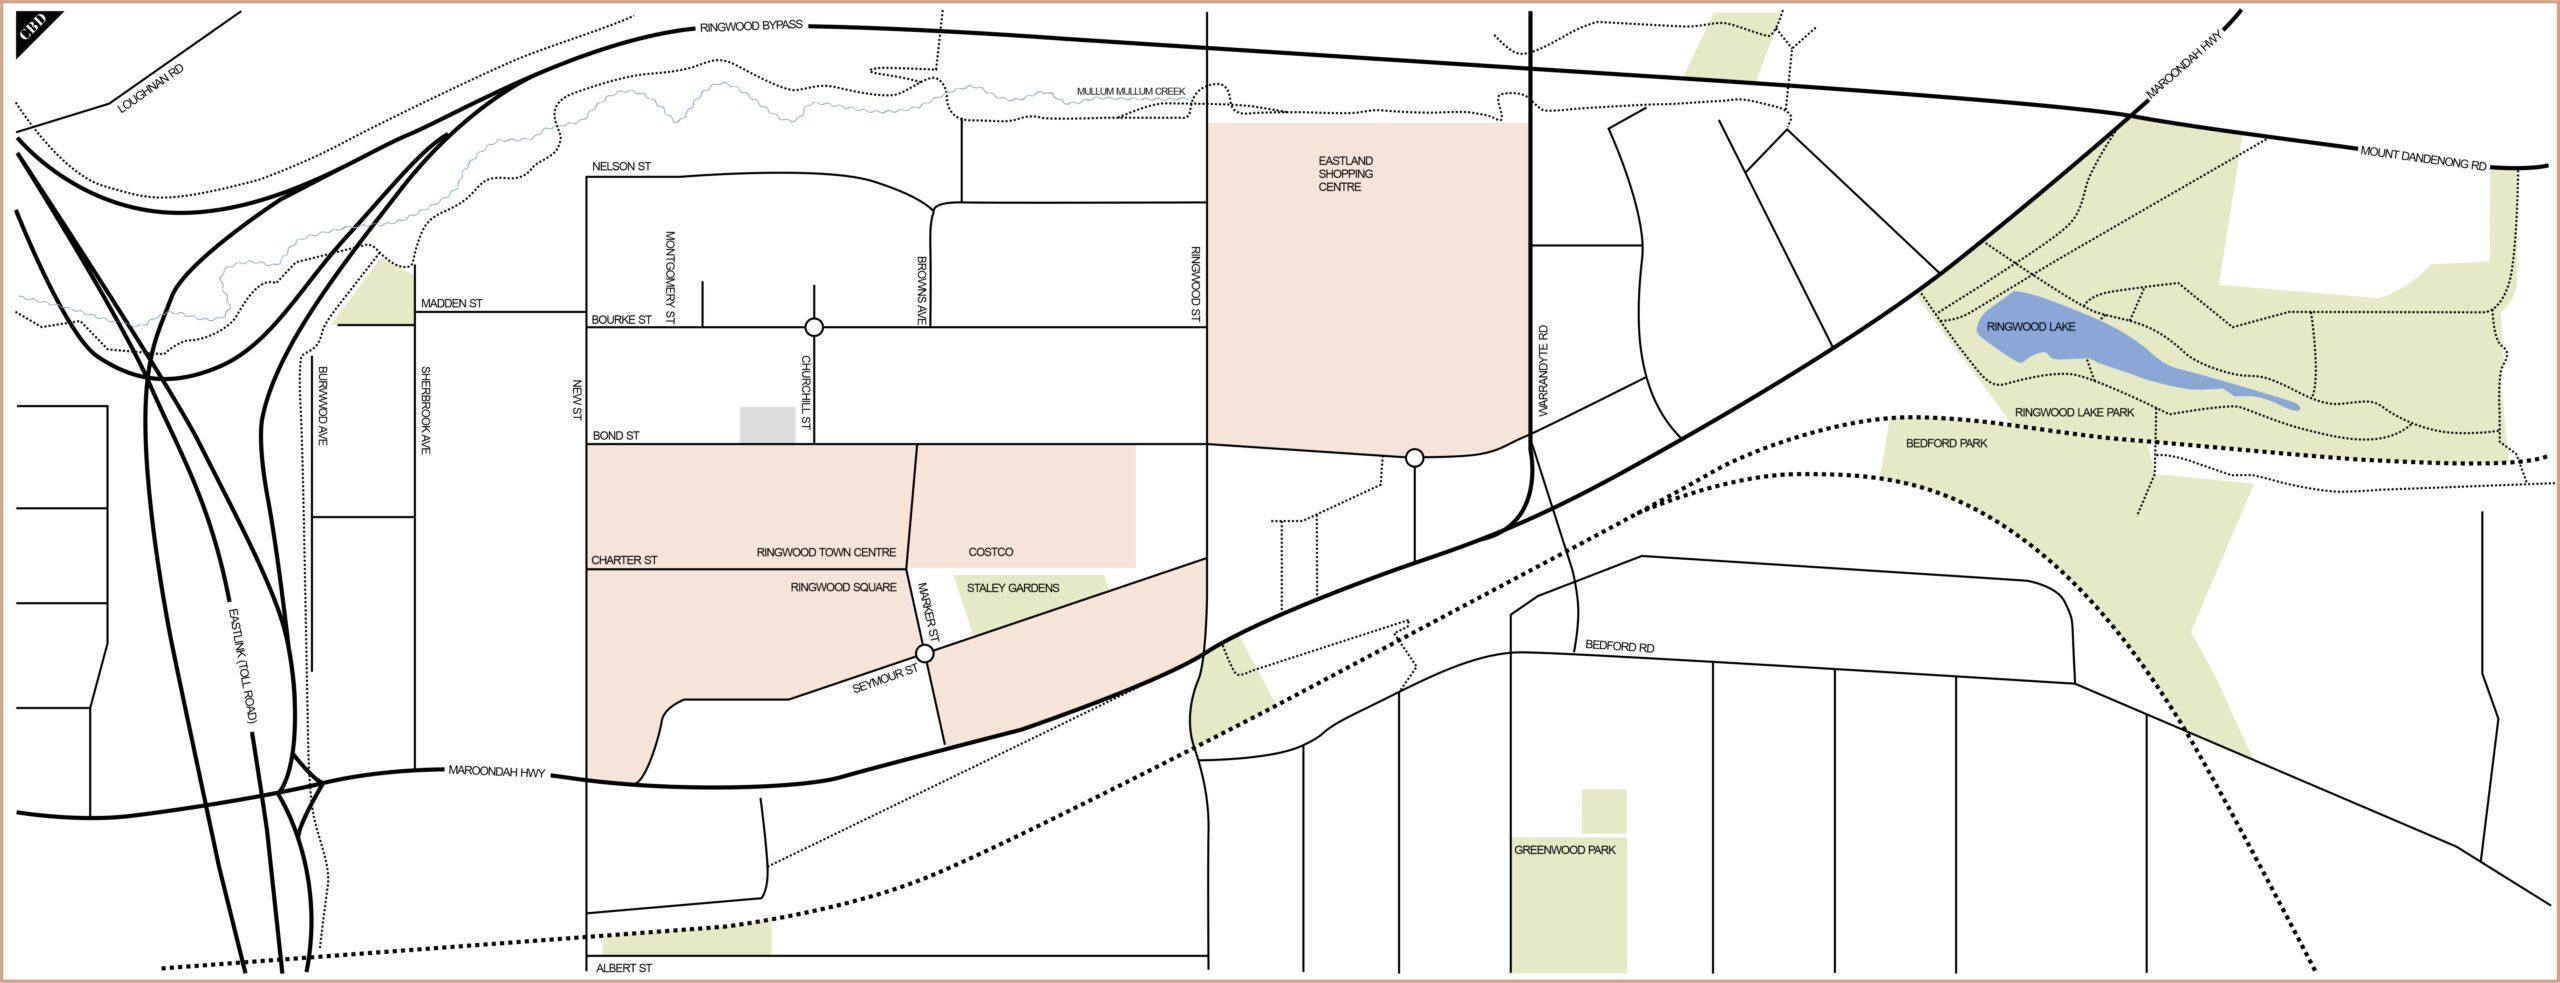 https://bondroyale.com.au/wp-content/uploads/2021/03/Map-2-1-scaled.jpg